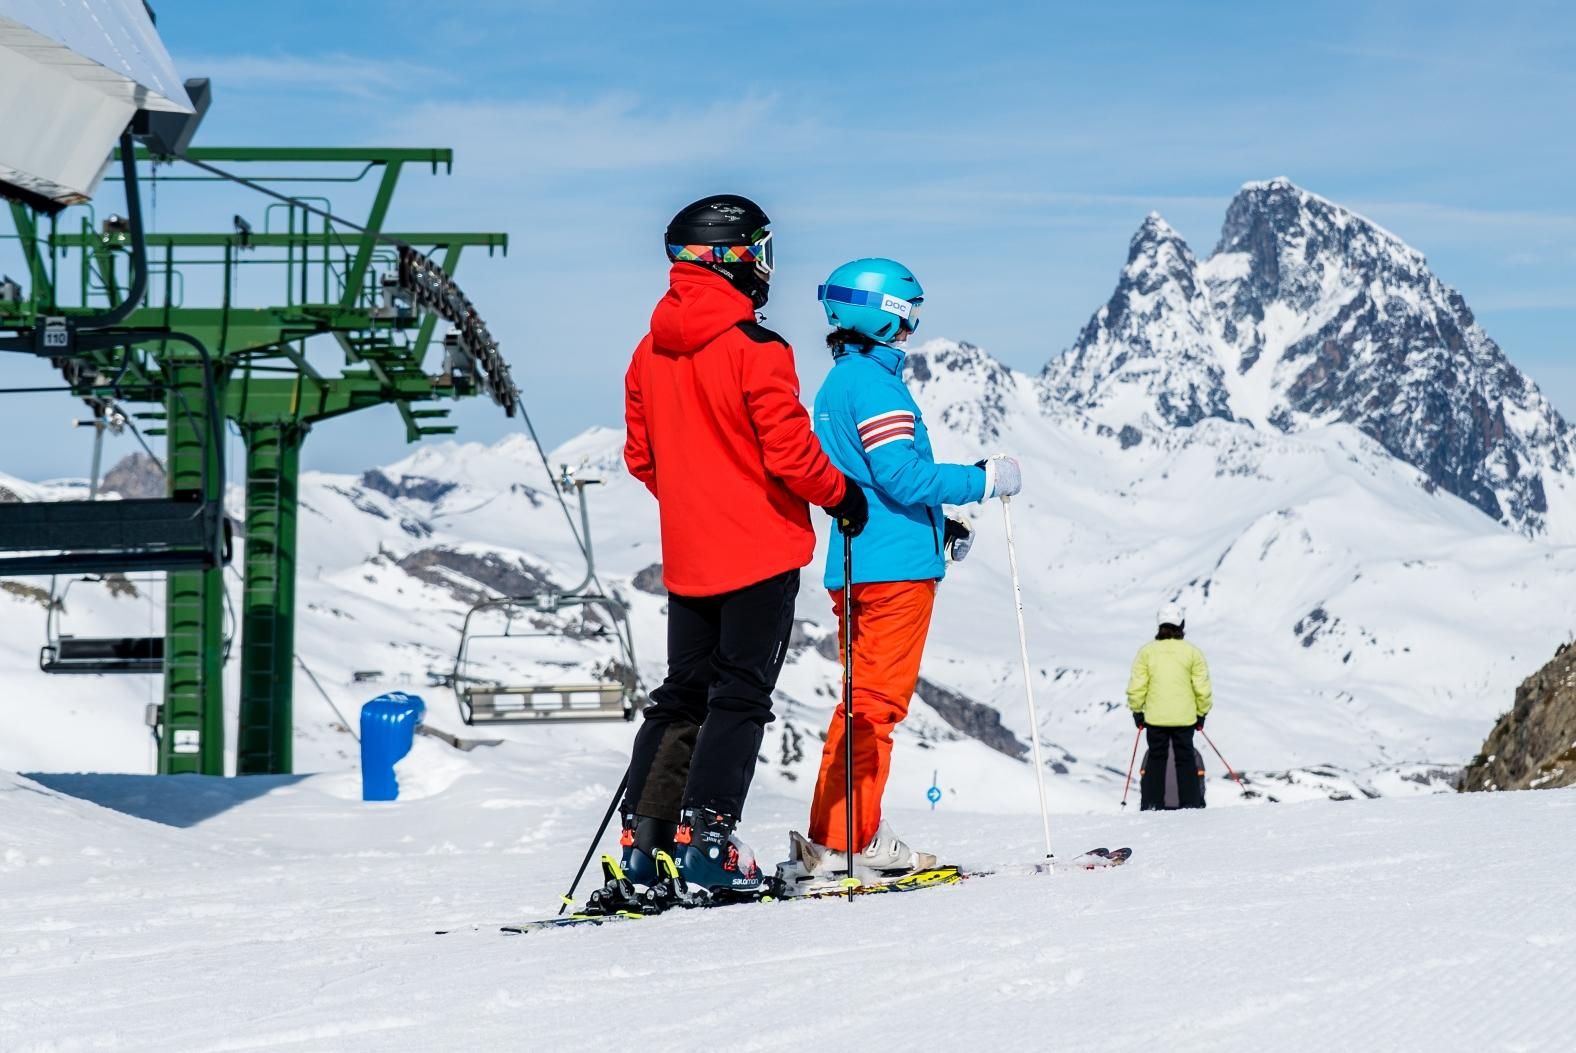 Casi 1000 deportistas inscritos en las pruebas que organiza Aramón este fin de semana de nieve y sol